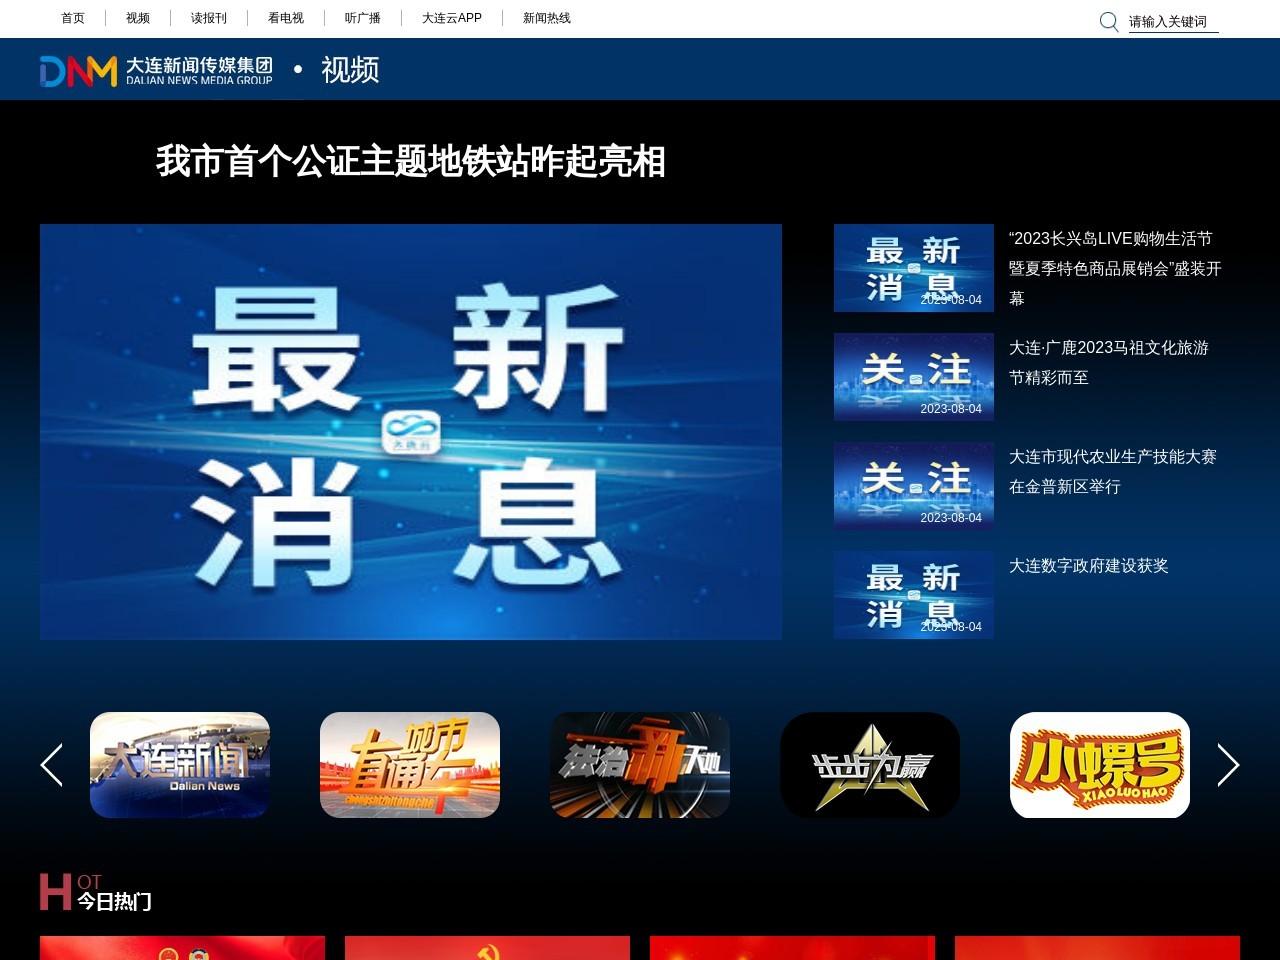 大连广播电视台官方网站